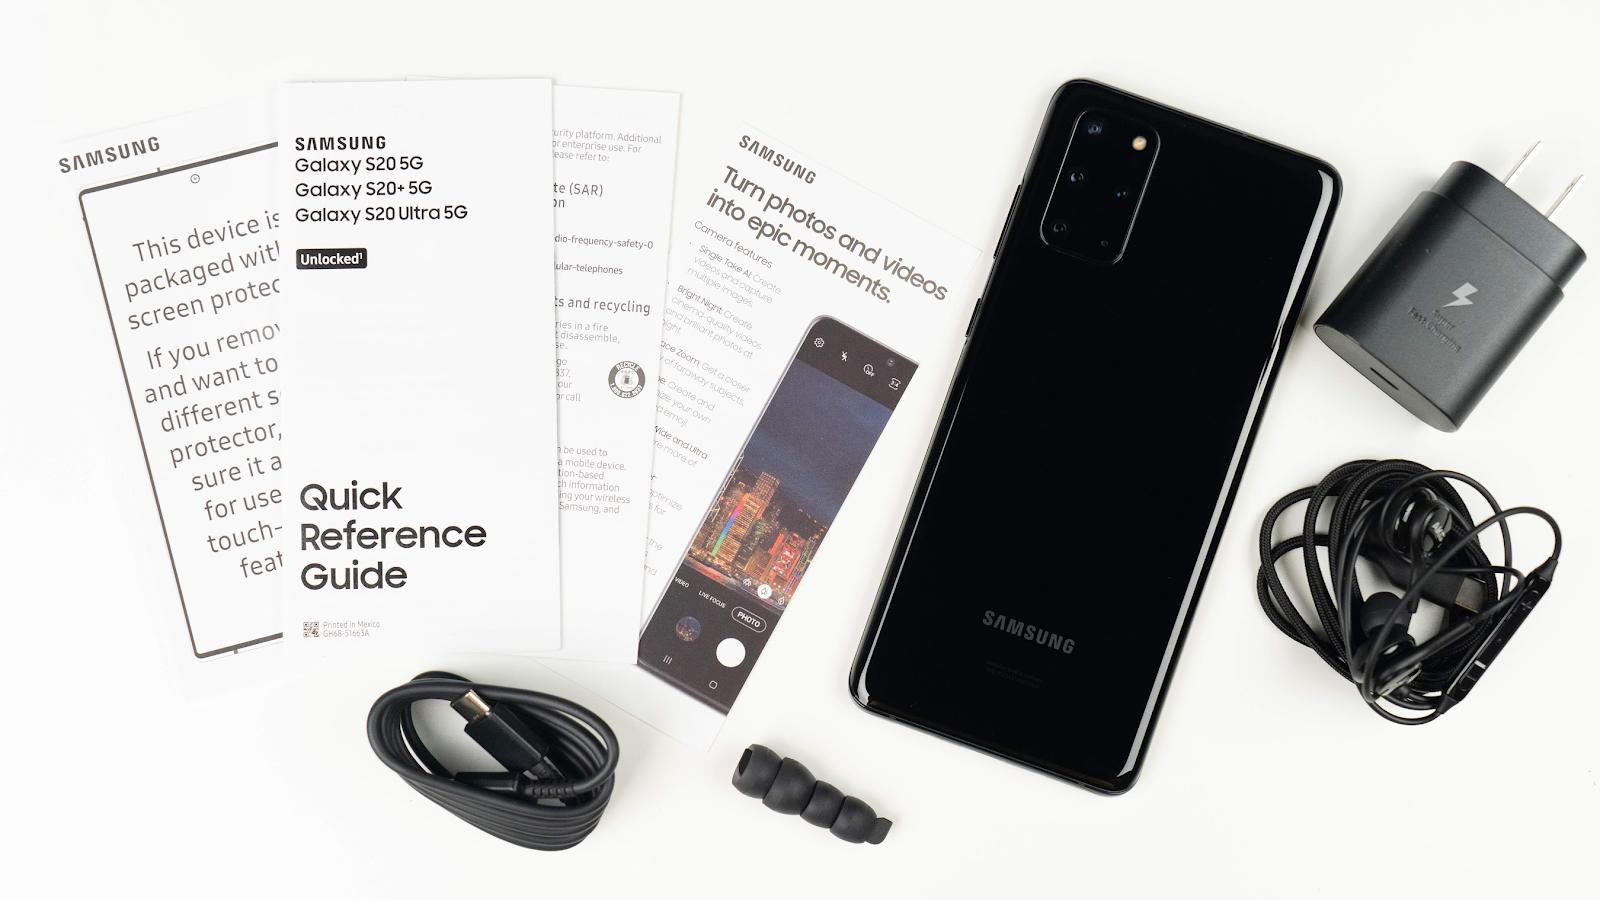 韓版、美版差在哪?美國版 Galaxy S20+ 5G 開箱